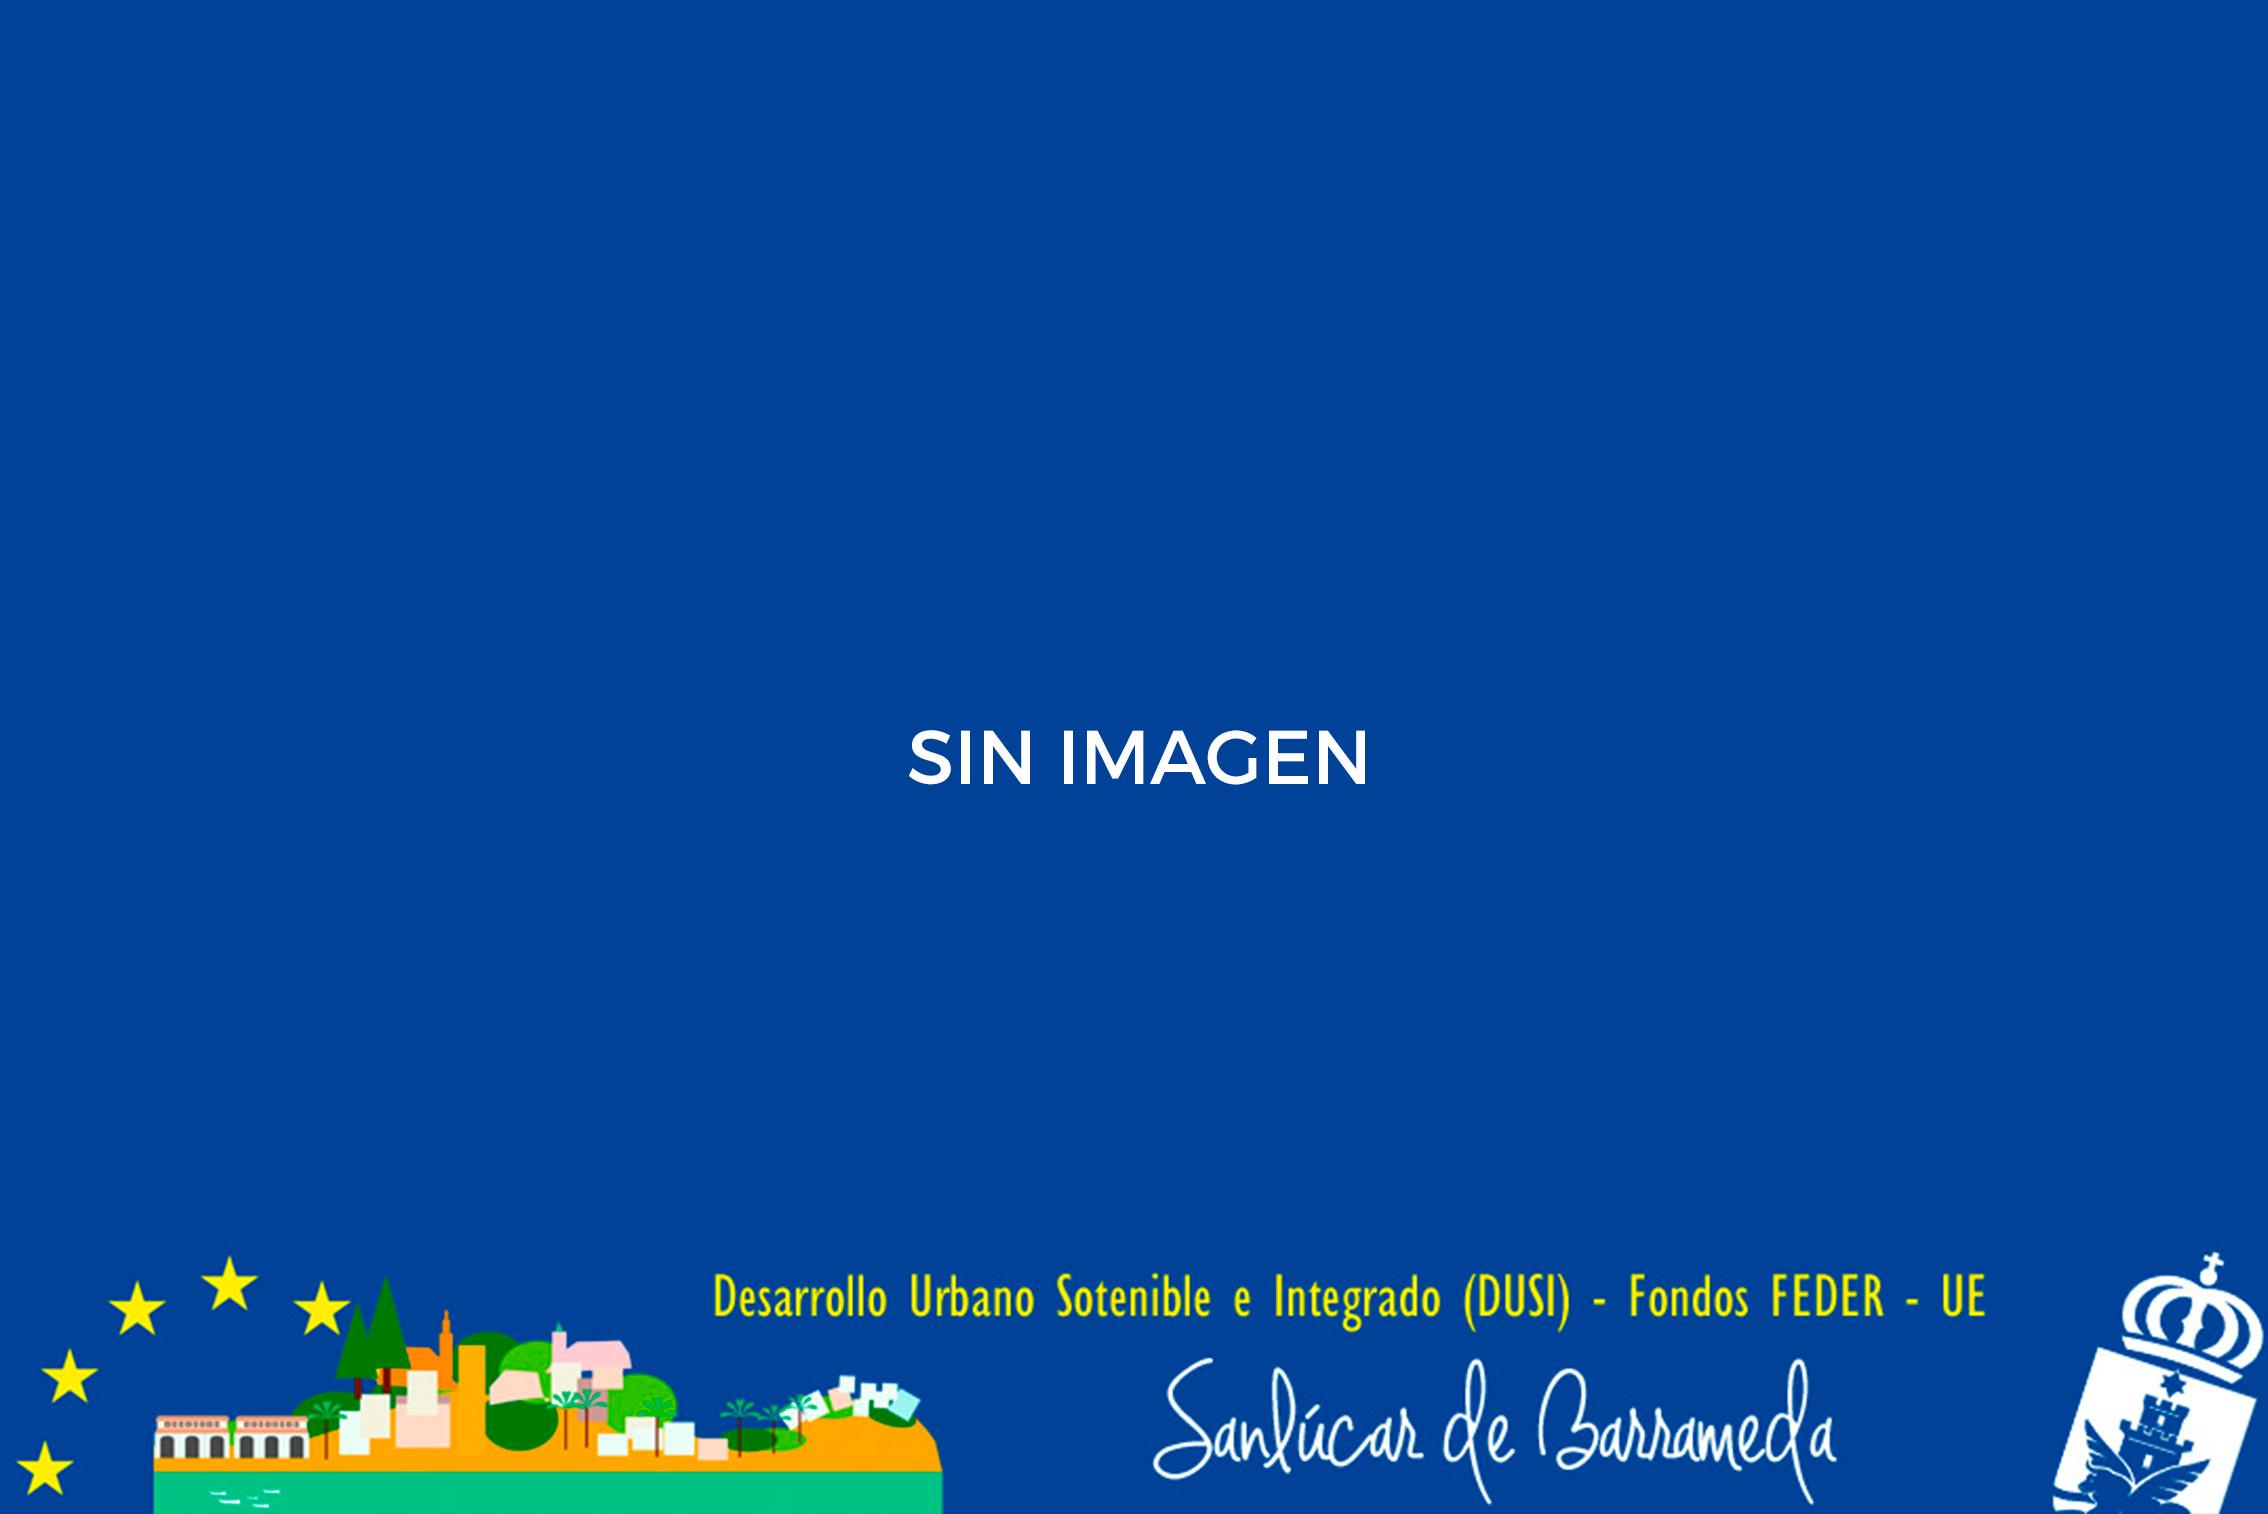 NO IMAGE SIN IMAGEN